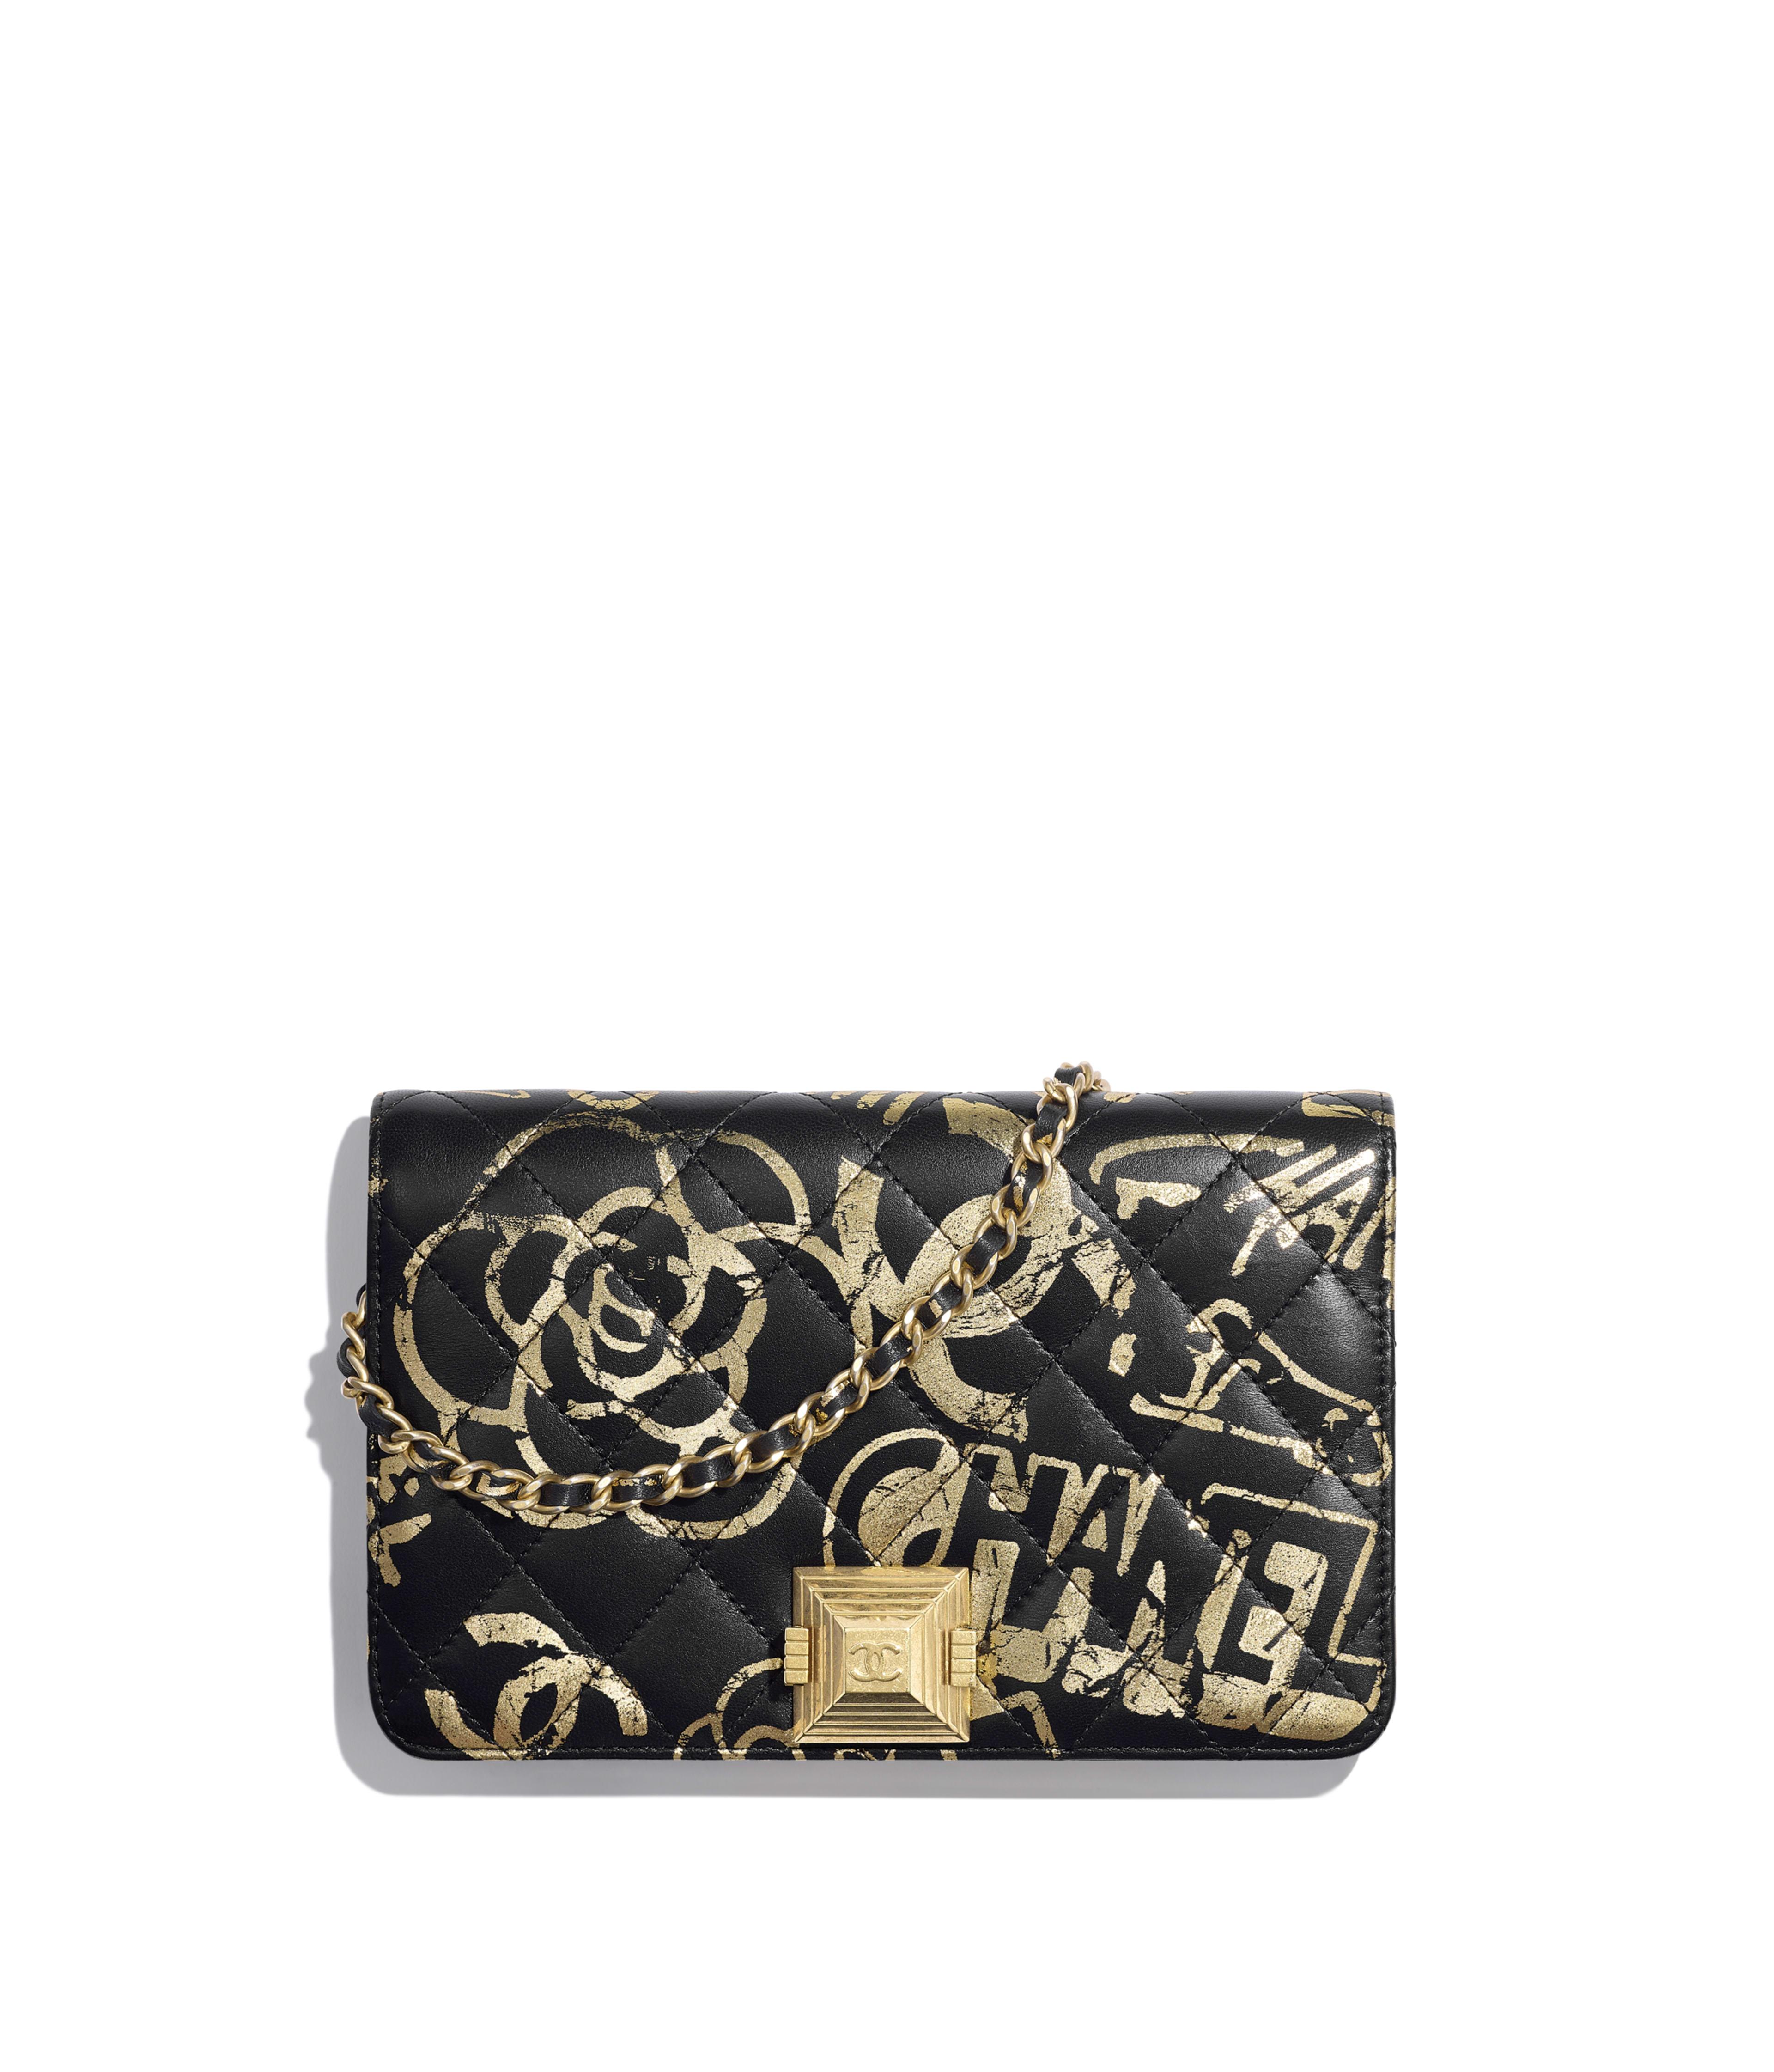 a6a4da855d Wallet on Chain Printed Calfskin & Gold-Tone Metal, Black & Gold Ref.  AP0388B00912N0784